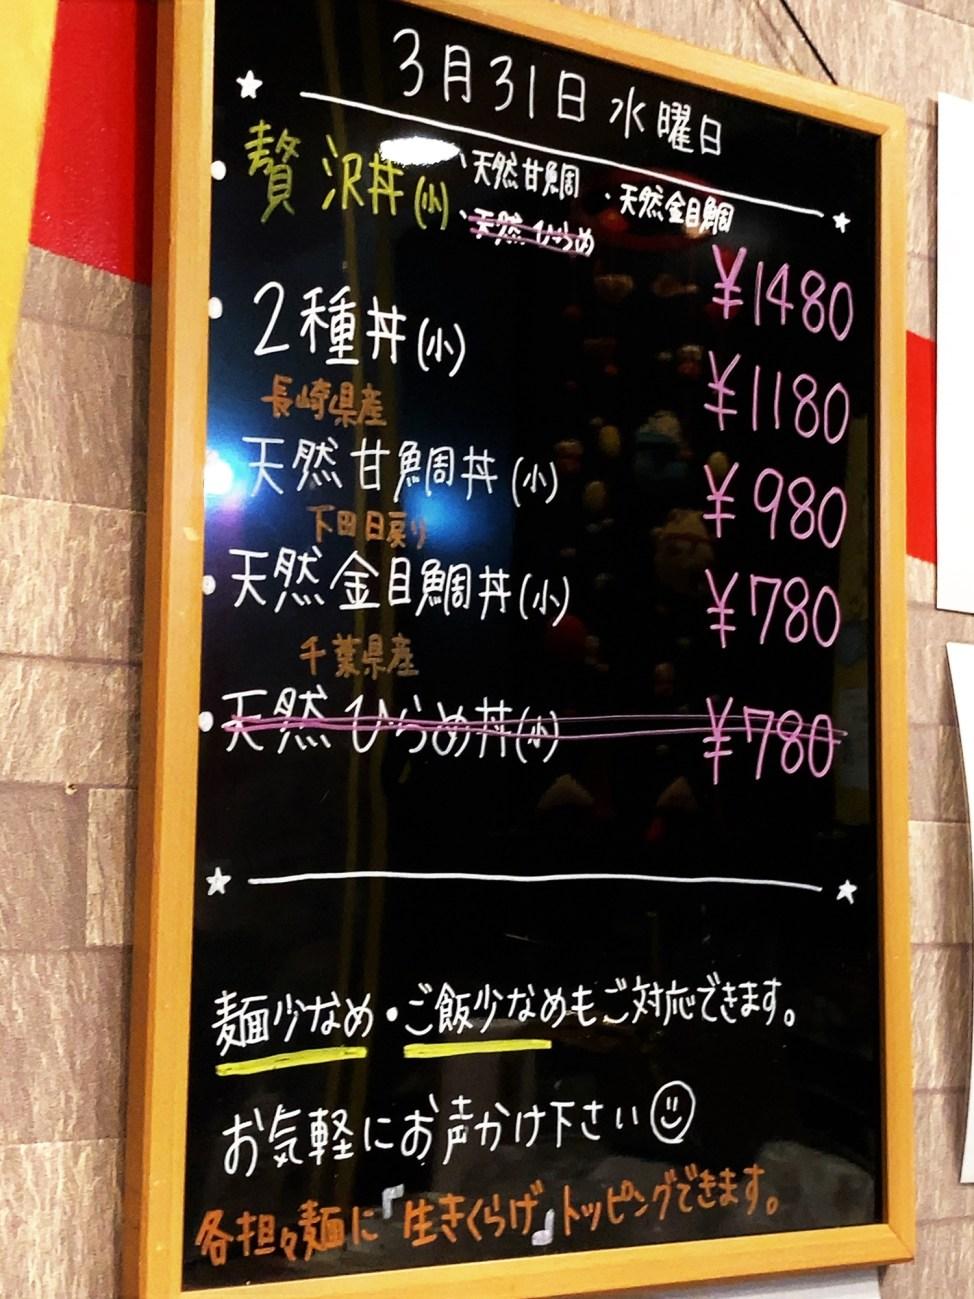 汁なし担々麺っぽい専門店 ラボラトリーのサイド